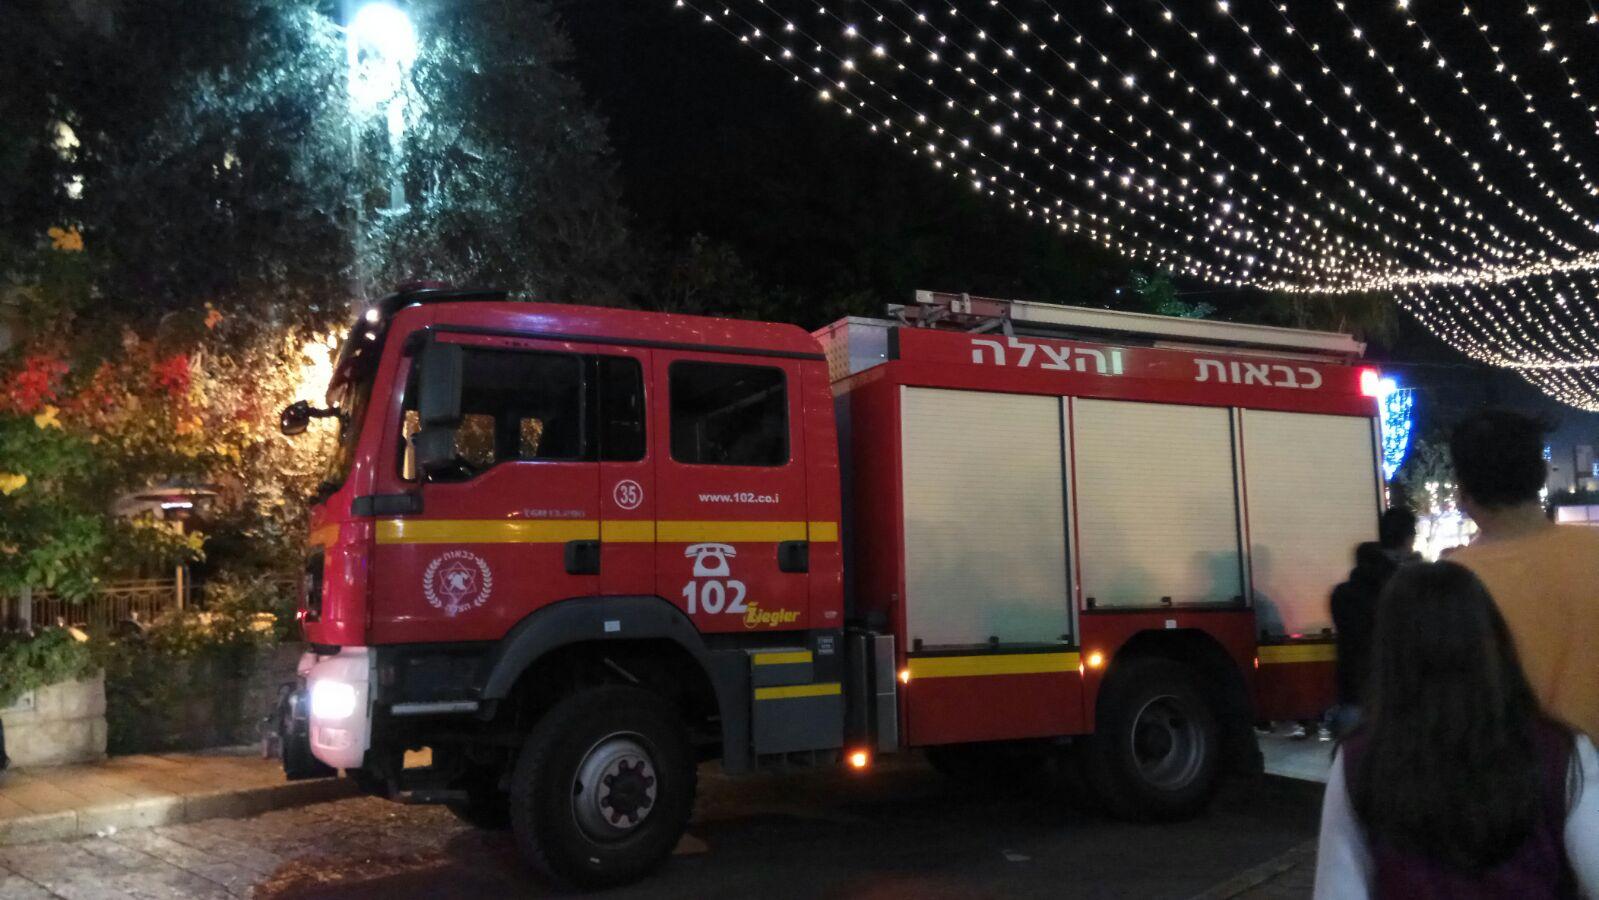 שריפה במסעדת פאטוש במושבה הגרמנית (צילום: אלה אהרונוב)